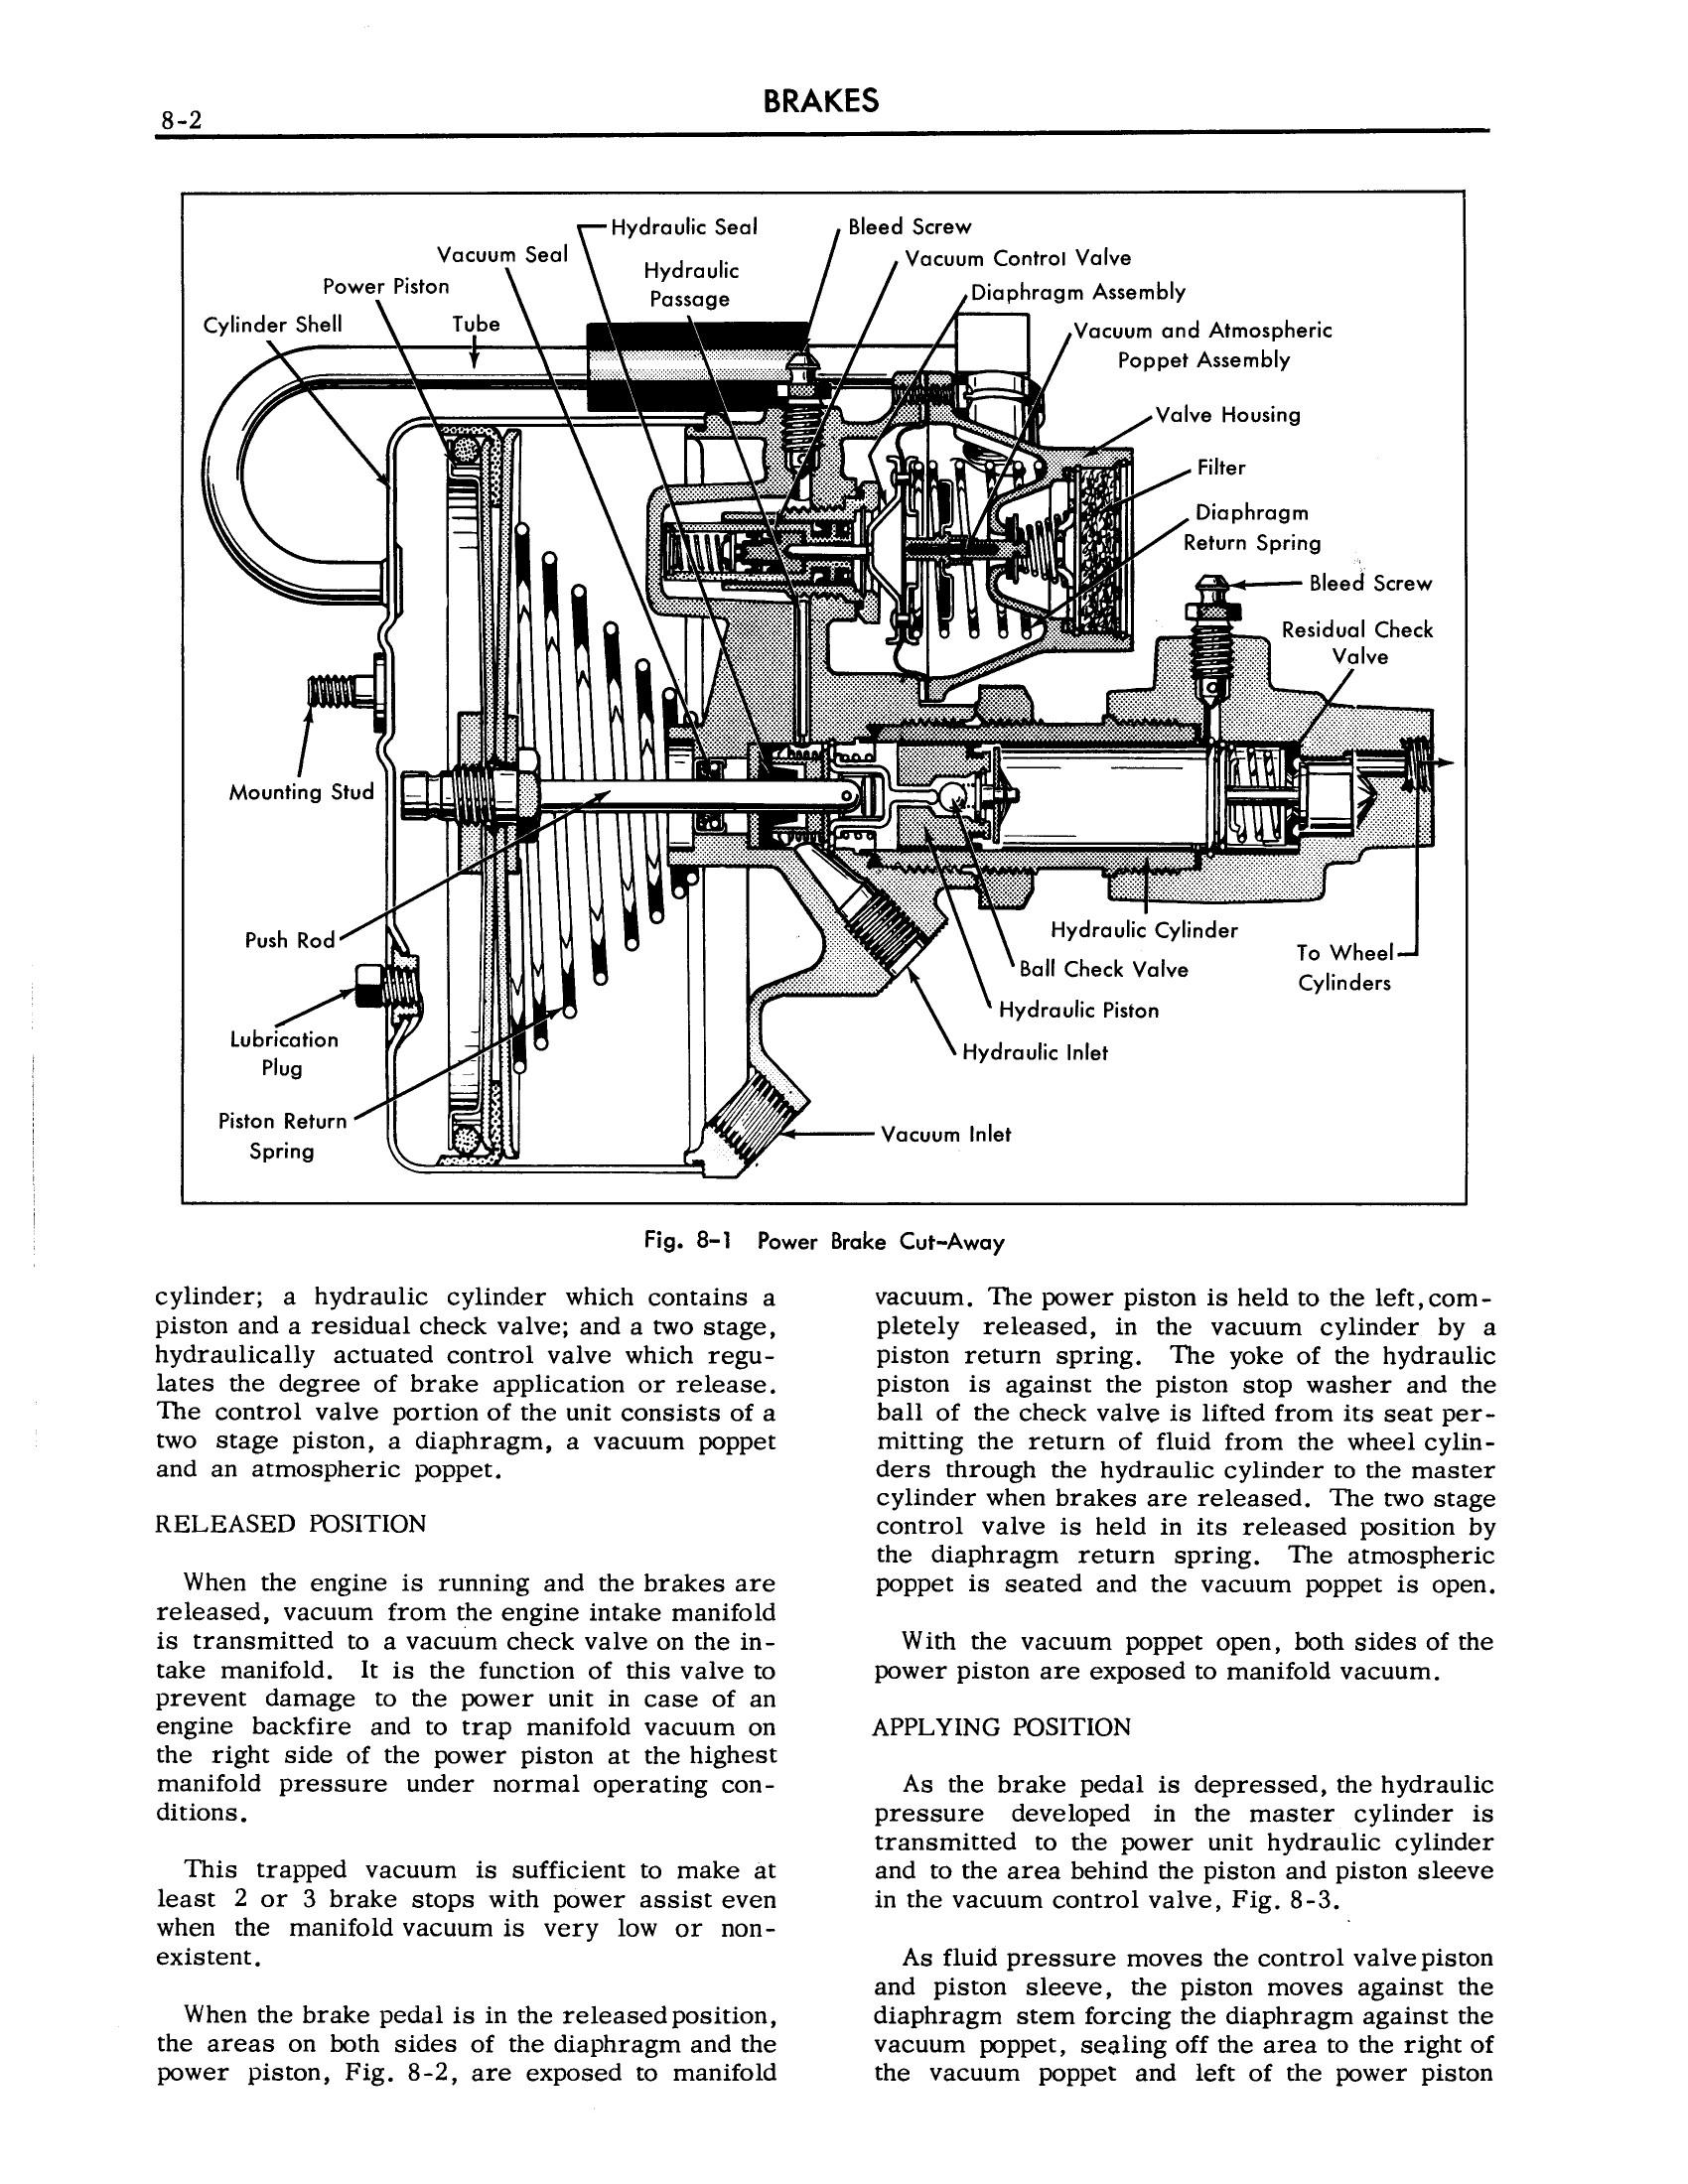 1957 Cadillac Shop Manual- Brakes Page 2 of 26